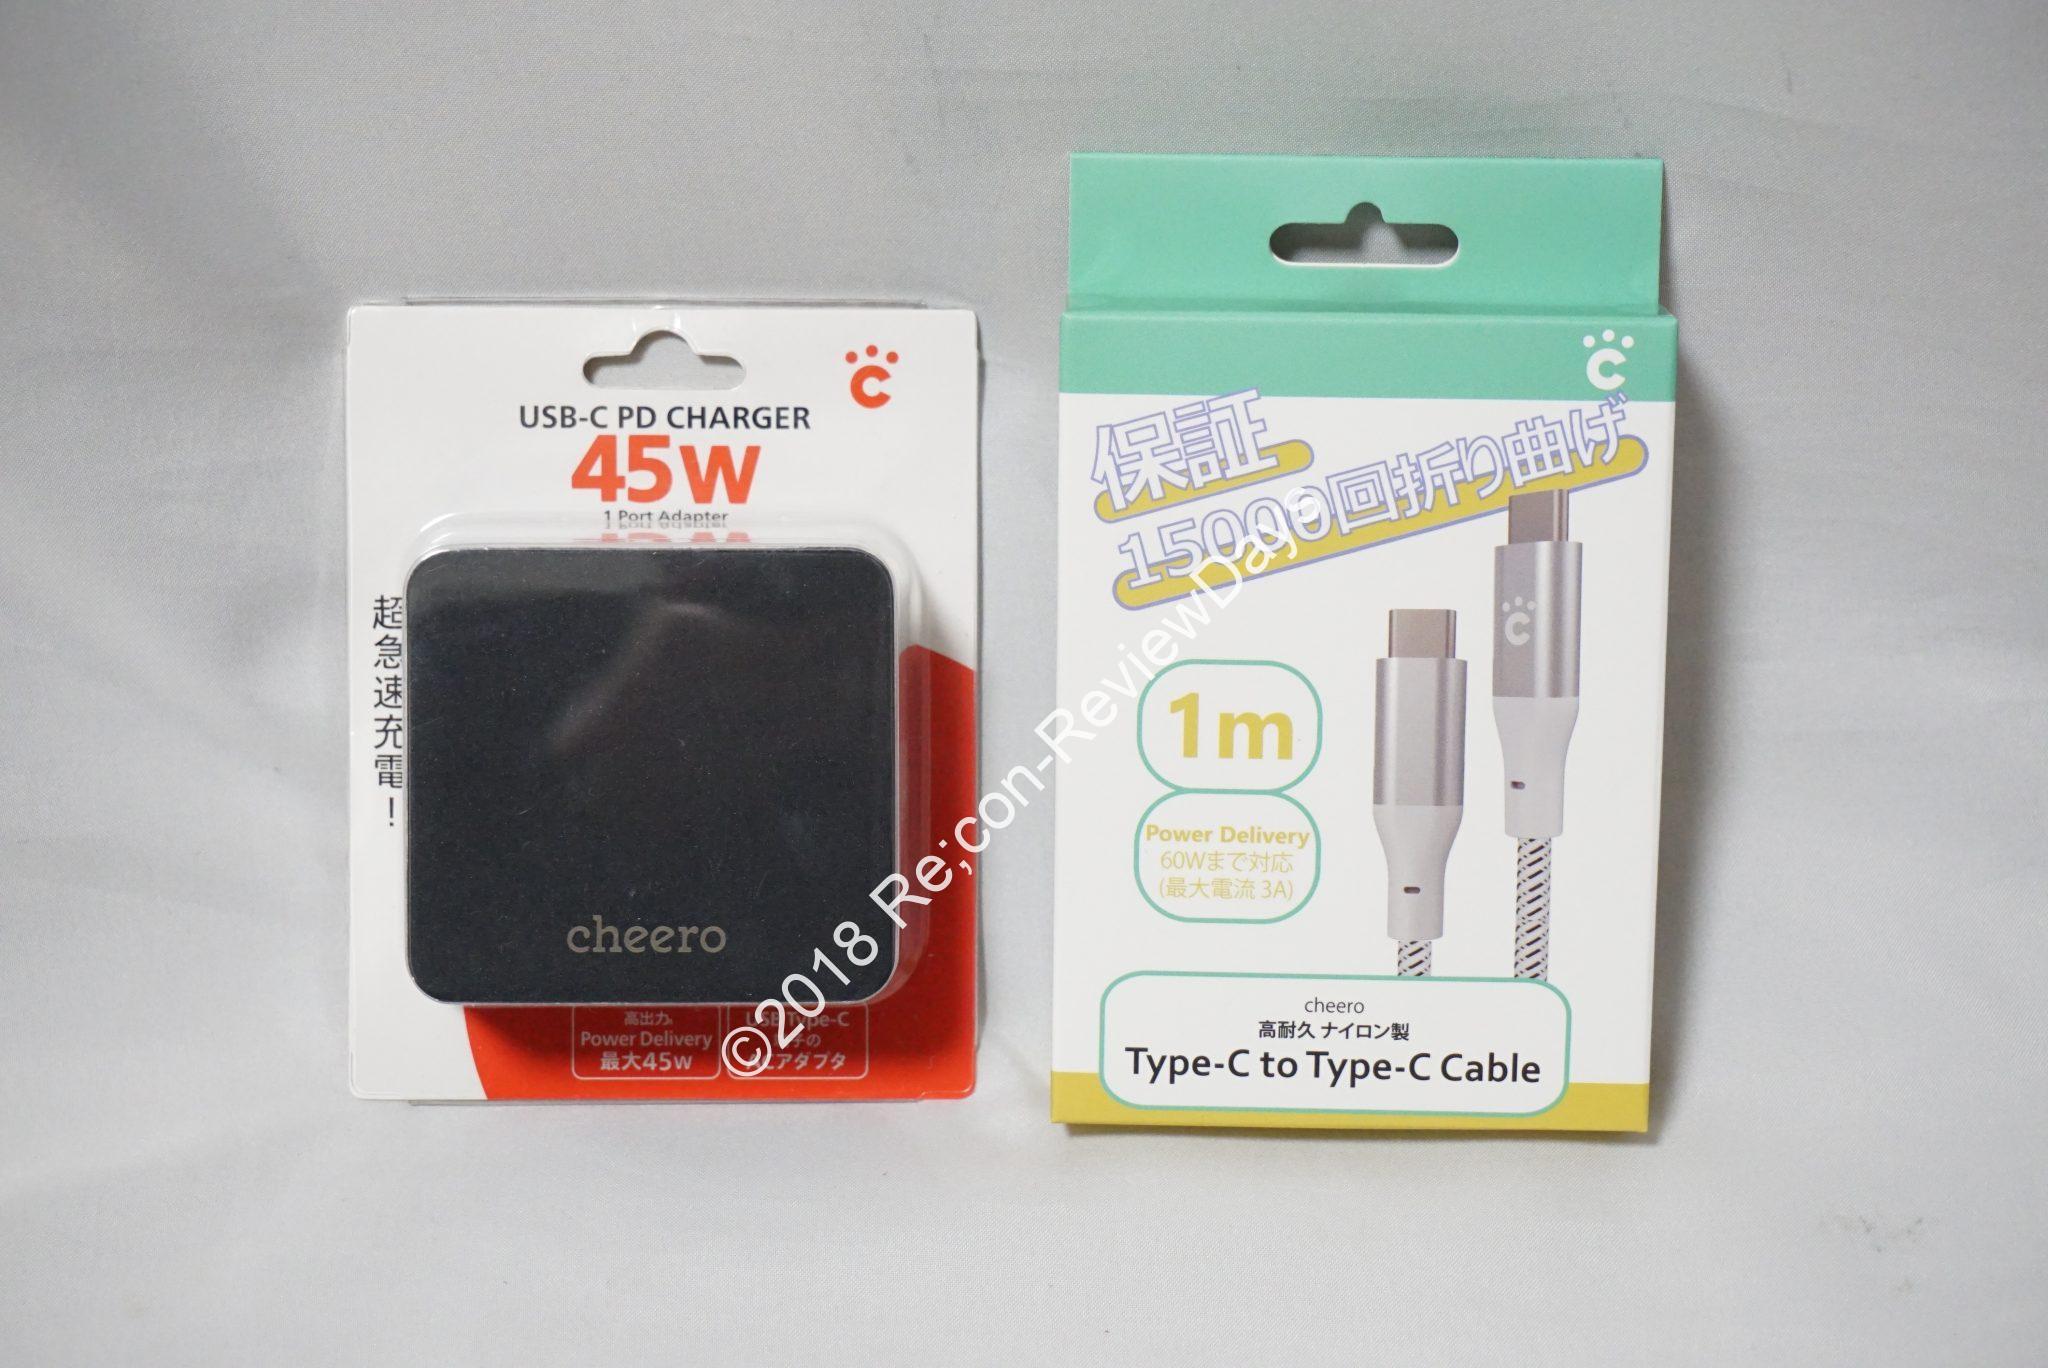 Let's note SV7/LV7に最適なcheero製USB PD対応45W AC「CHE-326」をチェックする #cheero #USBPD #SV7 #SV8 #Panasonic #Letsnote